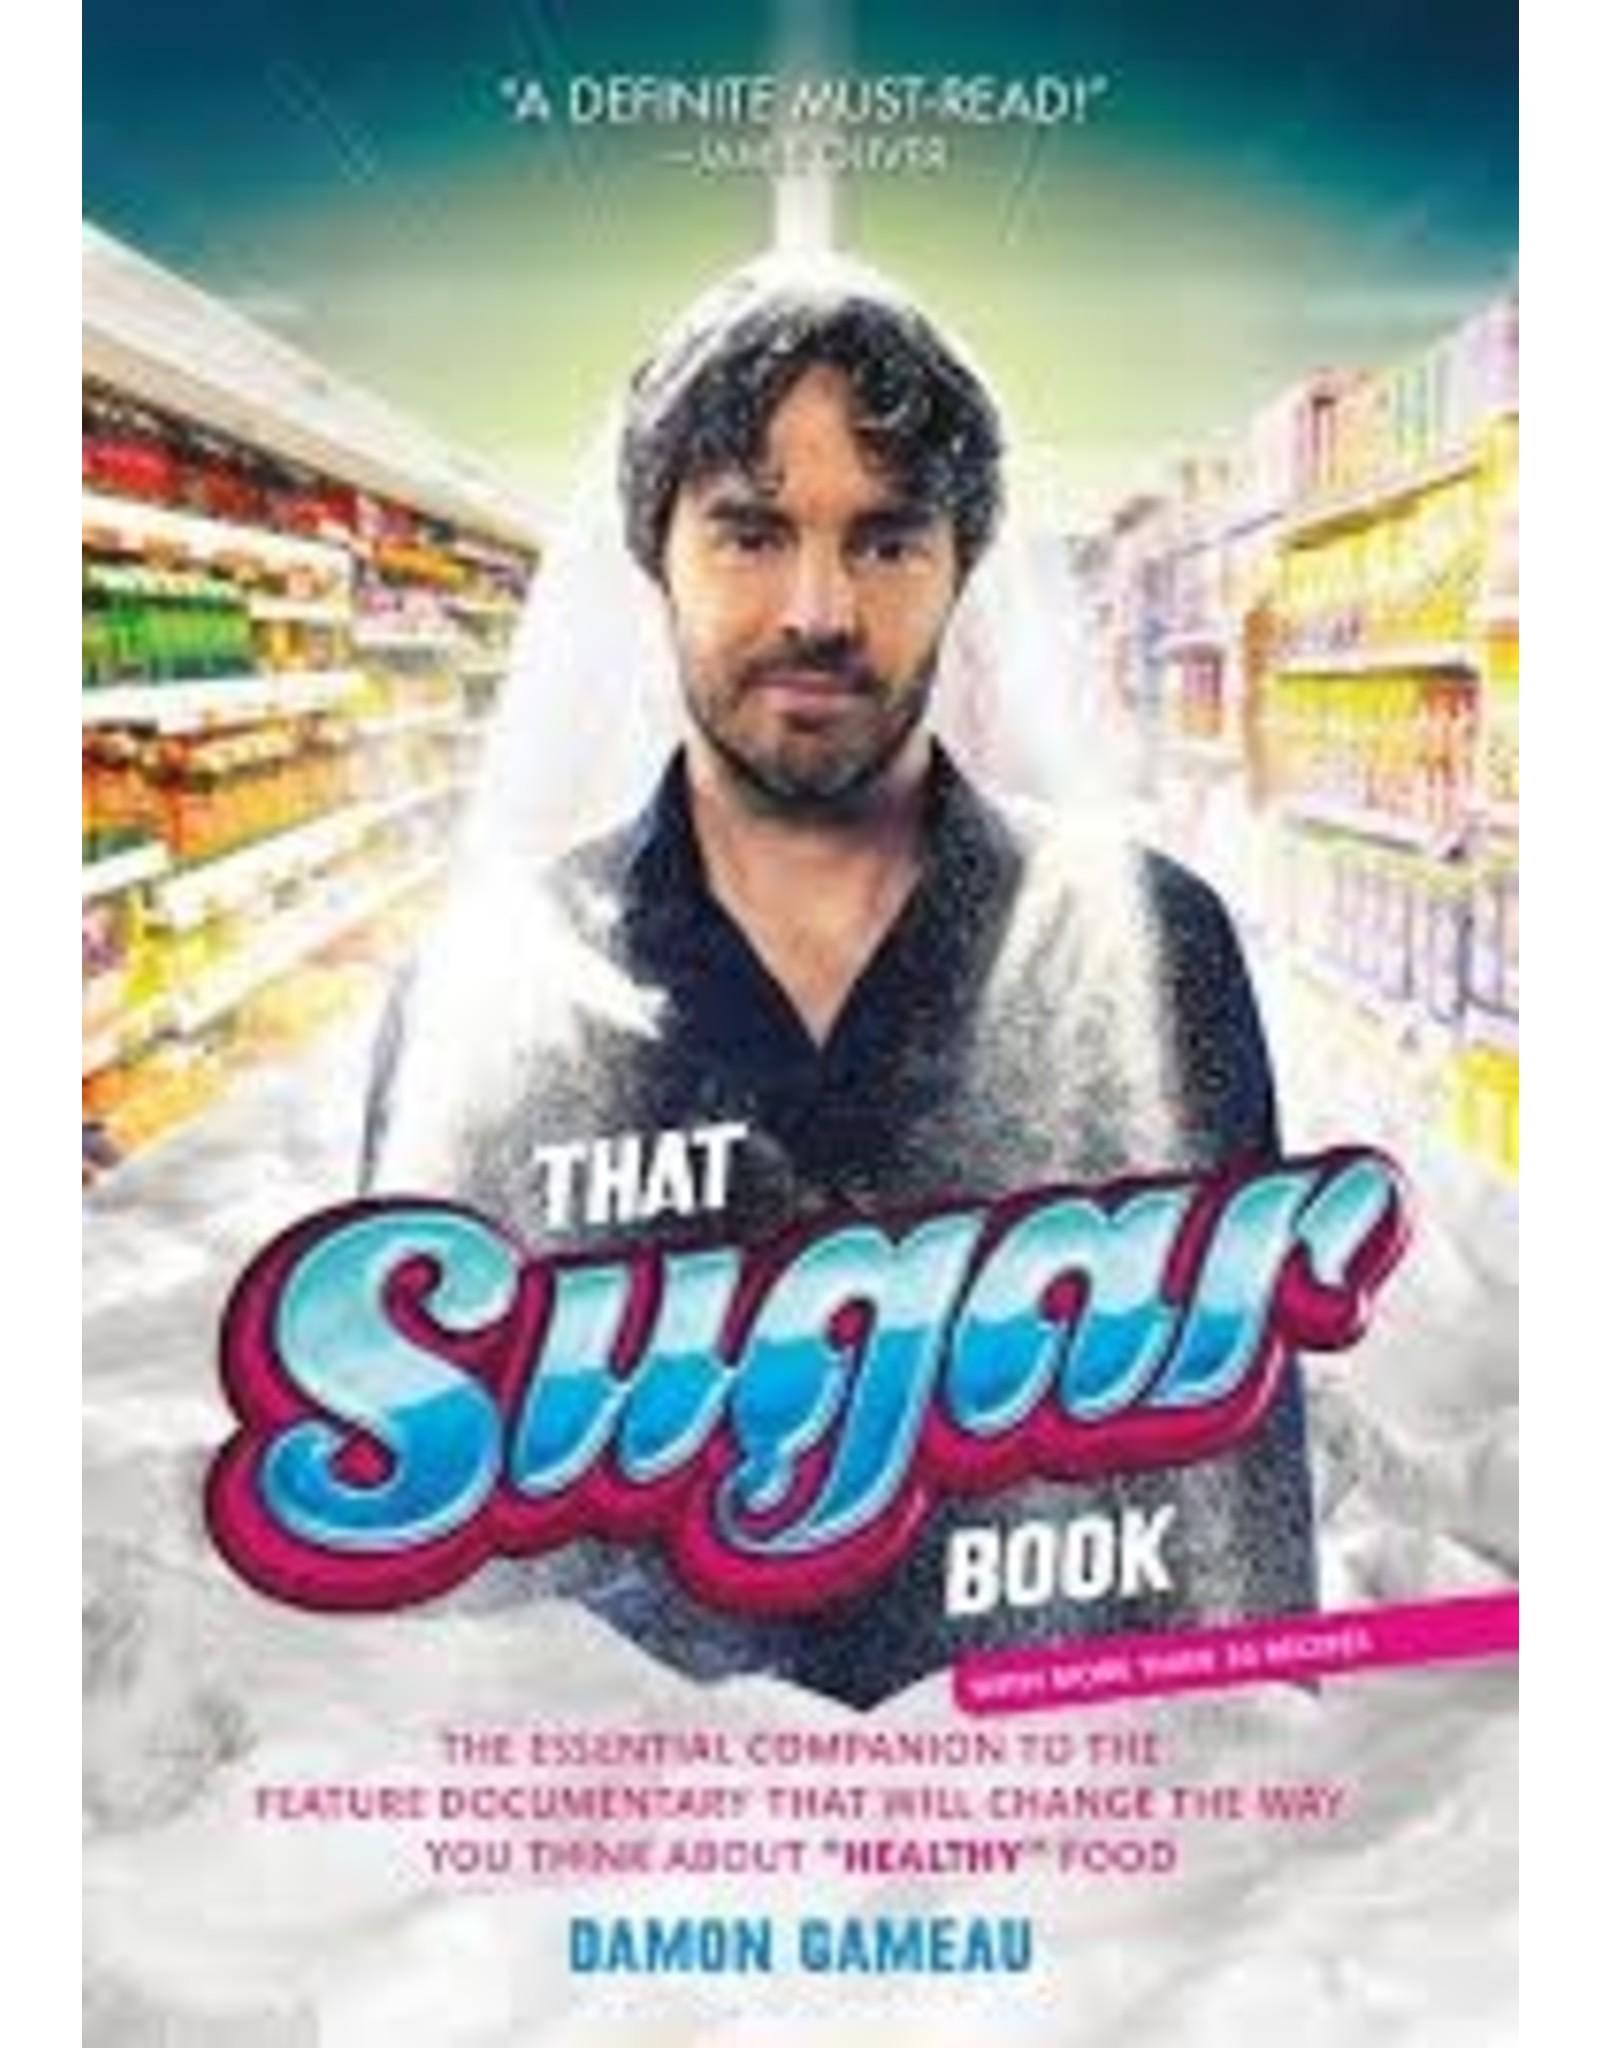 Books That Sugar Book by Damon Gameau